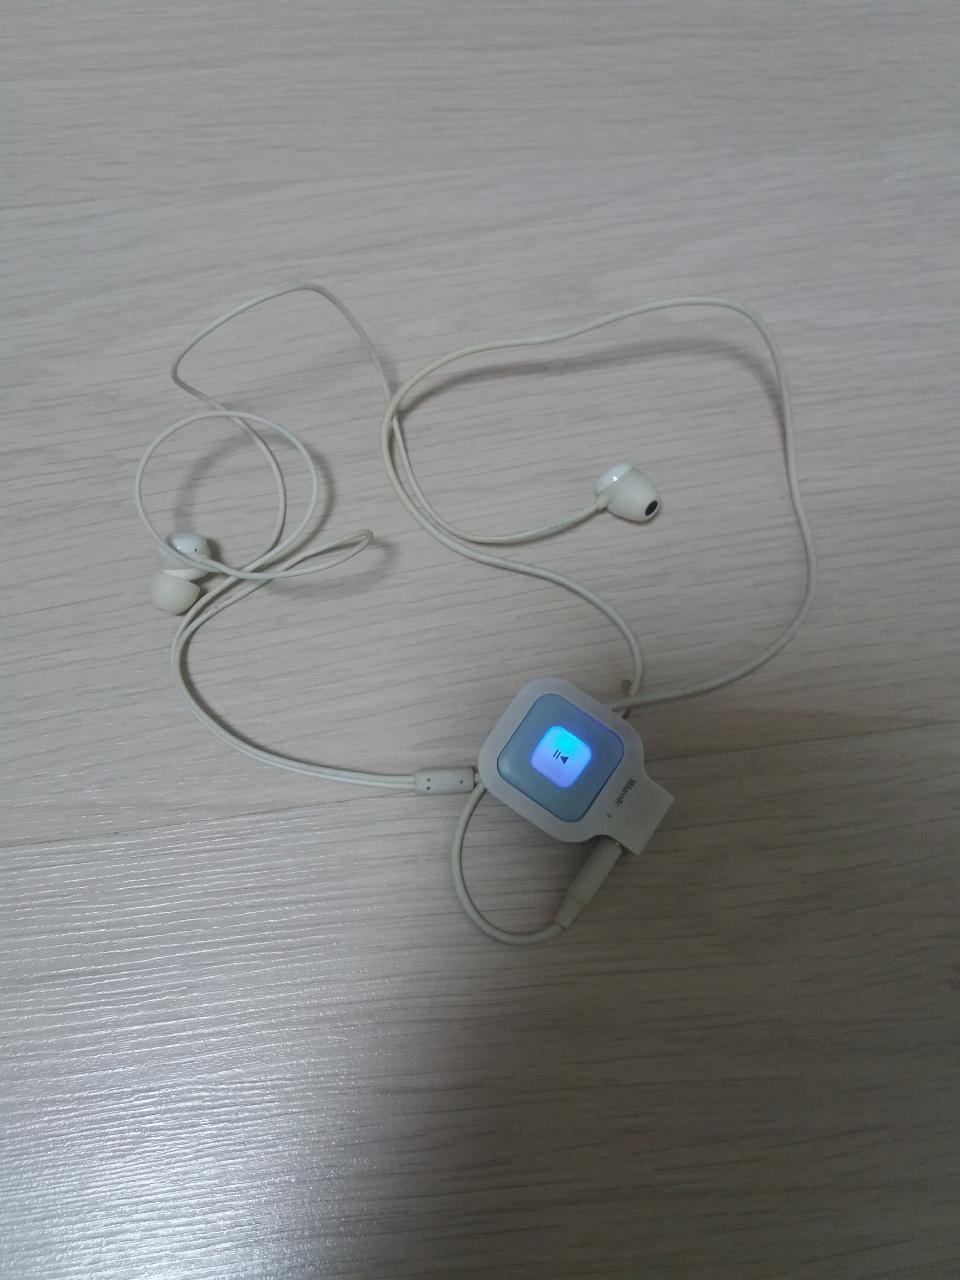 블루투스 이어폰아이리버 mp3(휴대폰연결)거의 새거